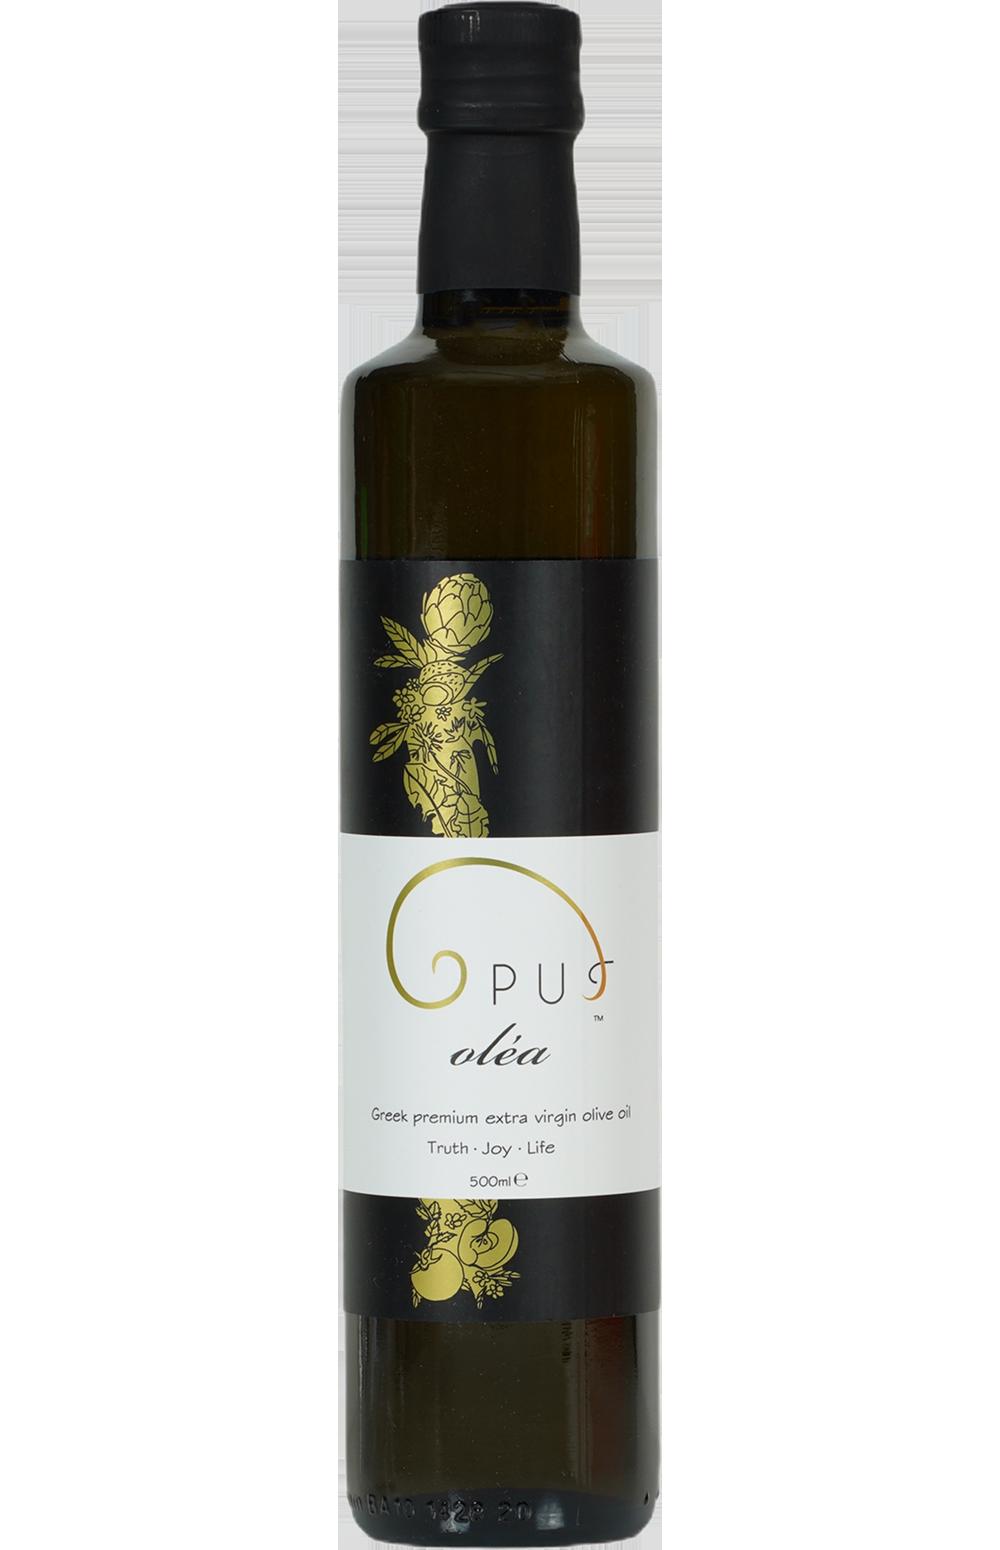 Opus Olea